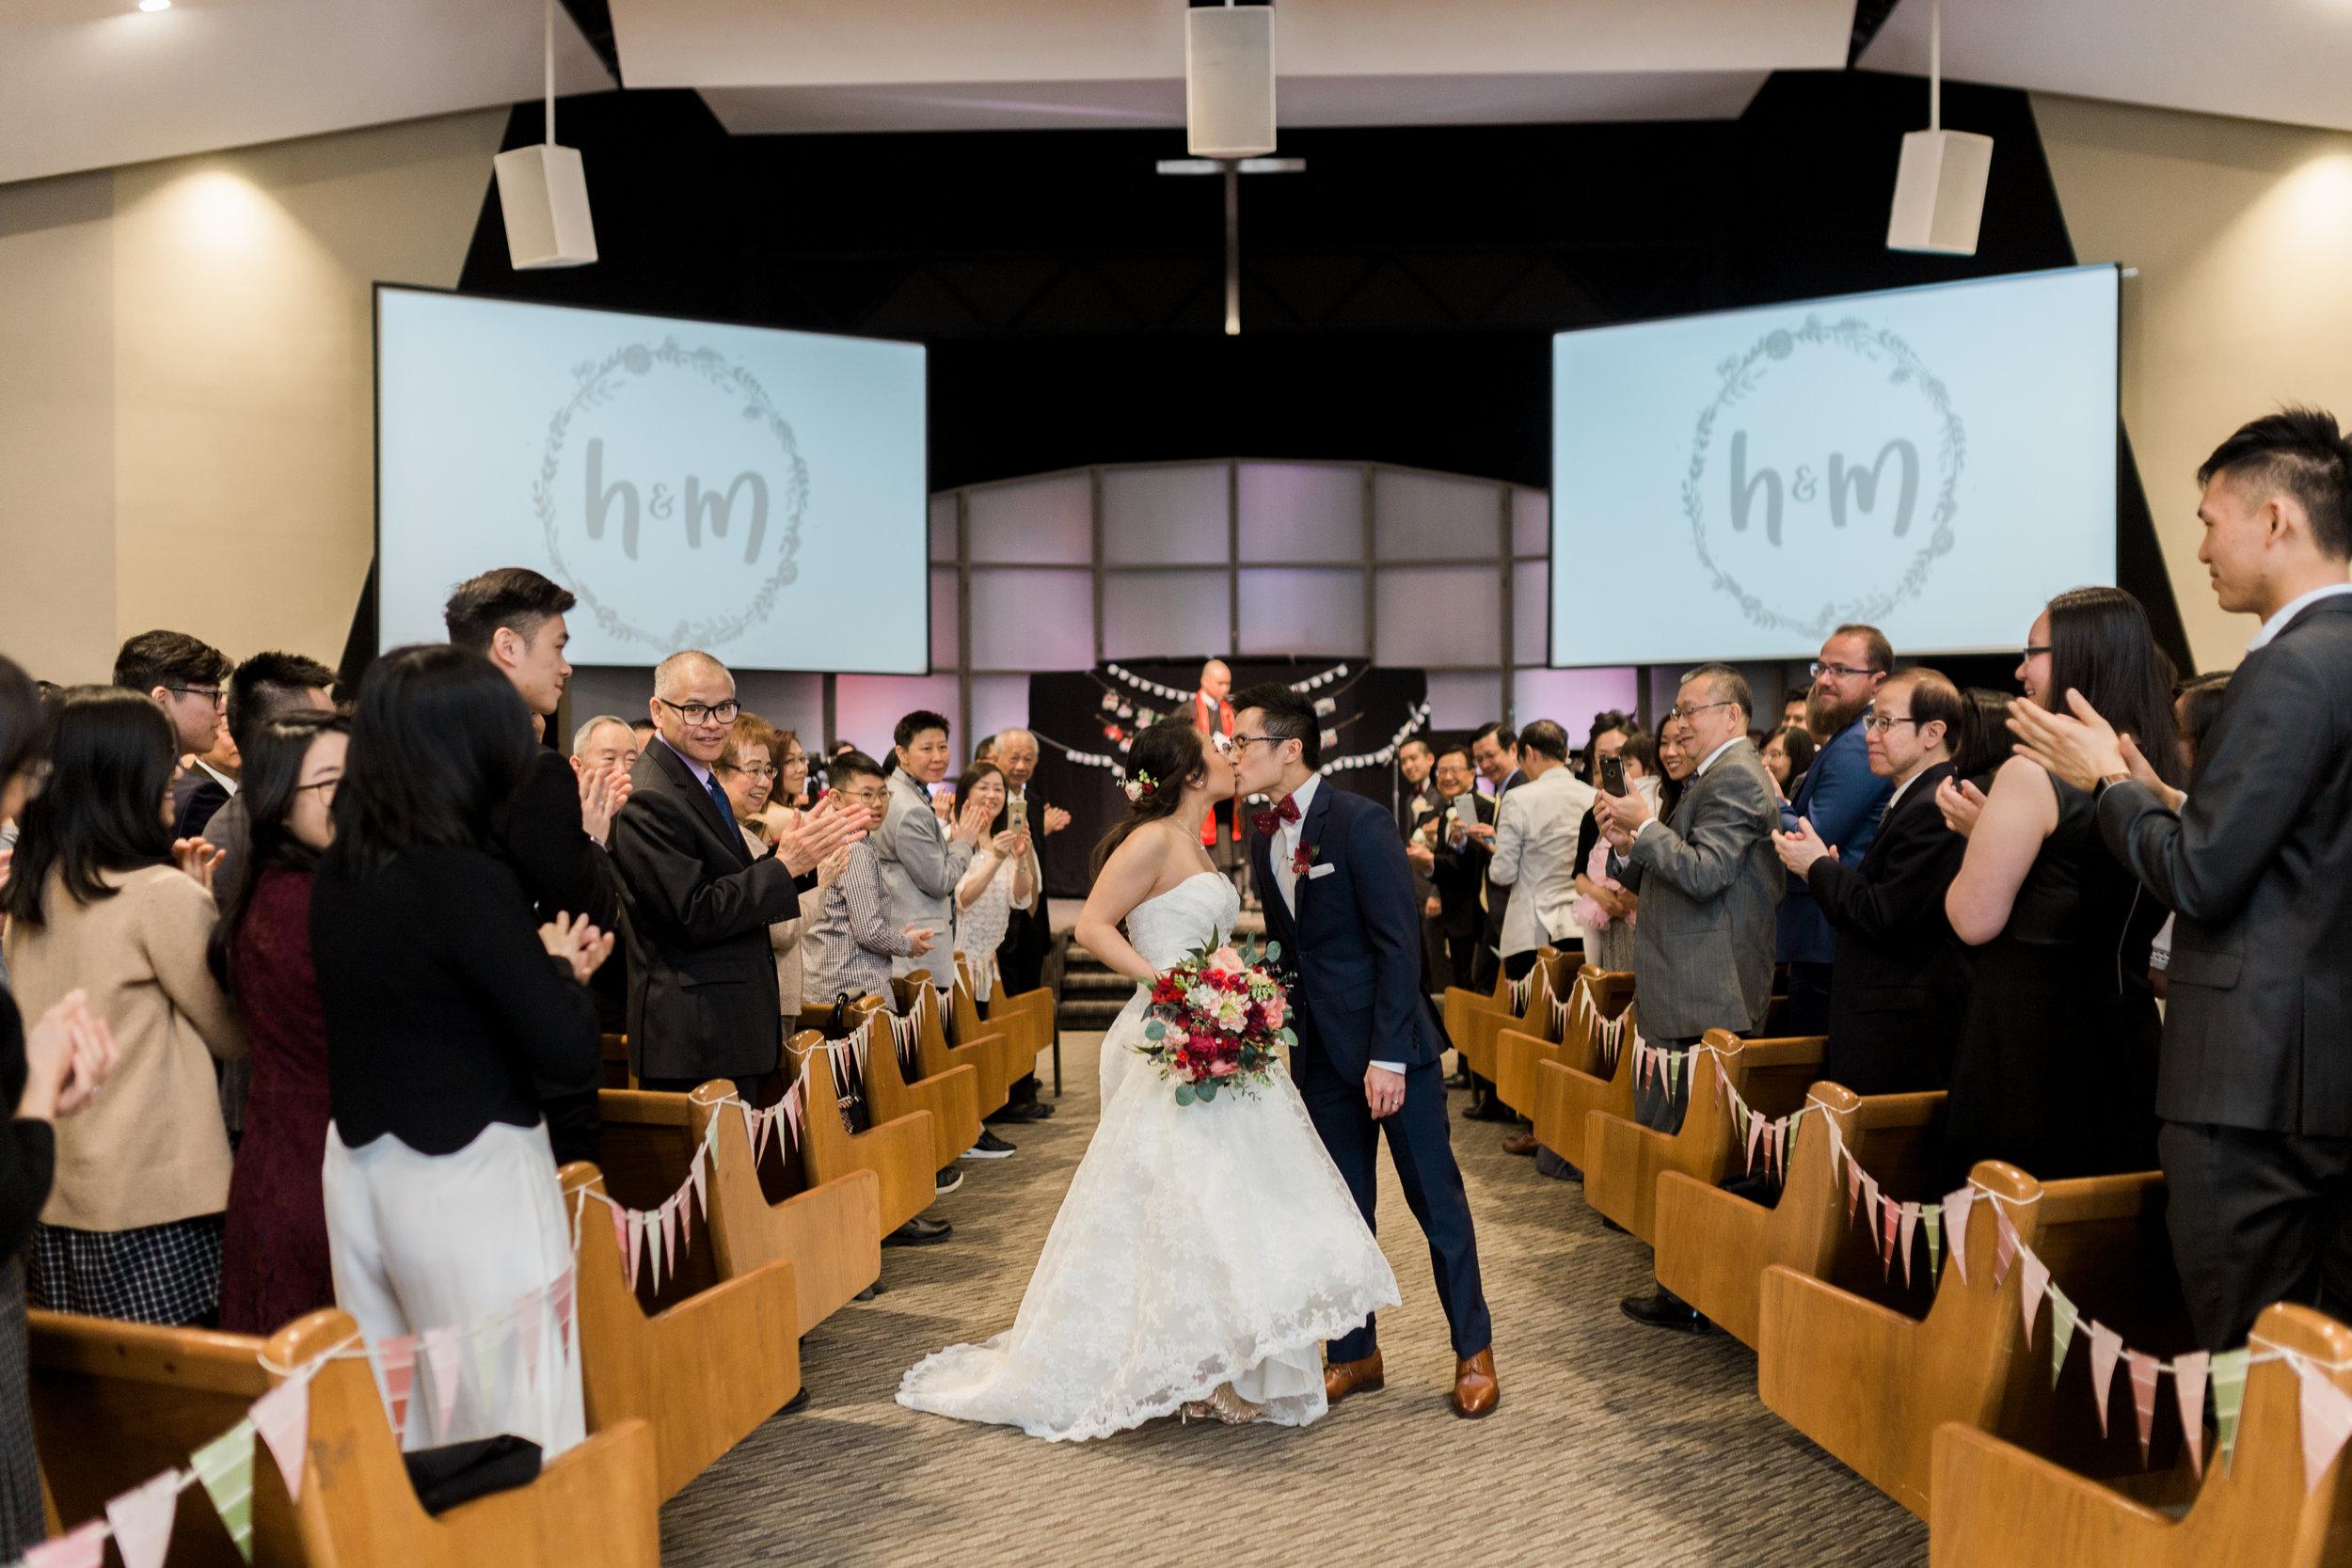 RHCCC Wedding-Ceremony-108.jpg